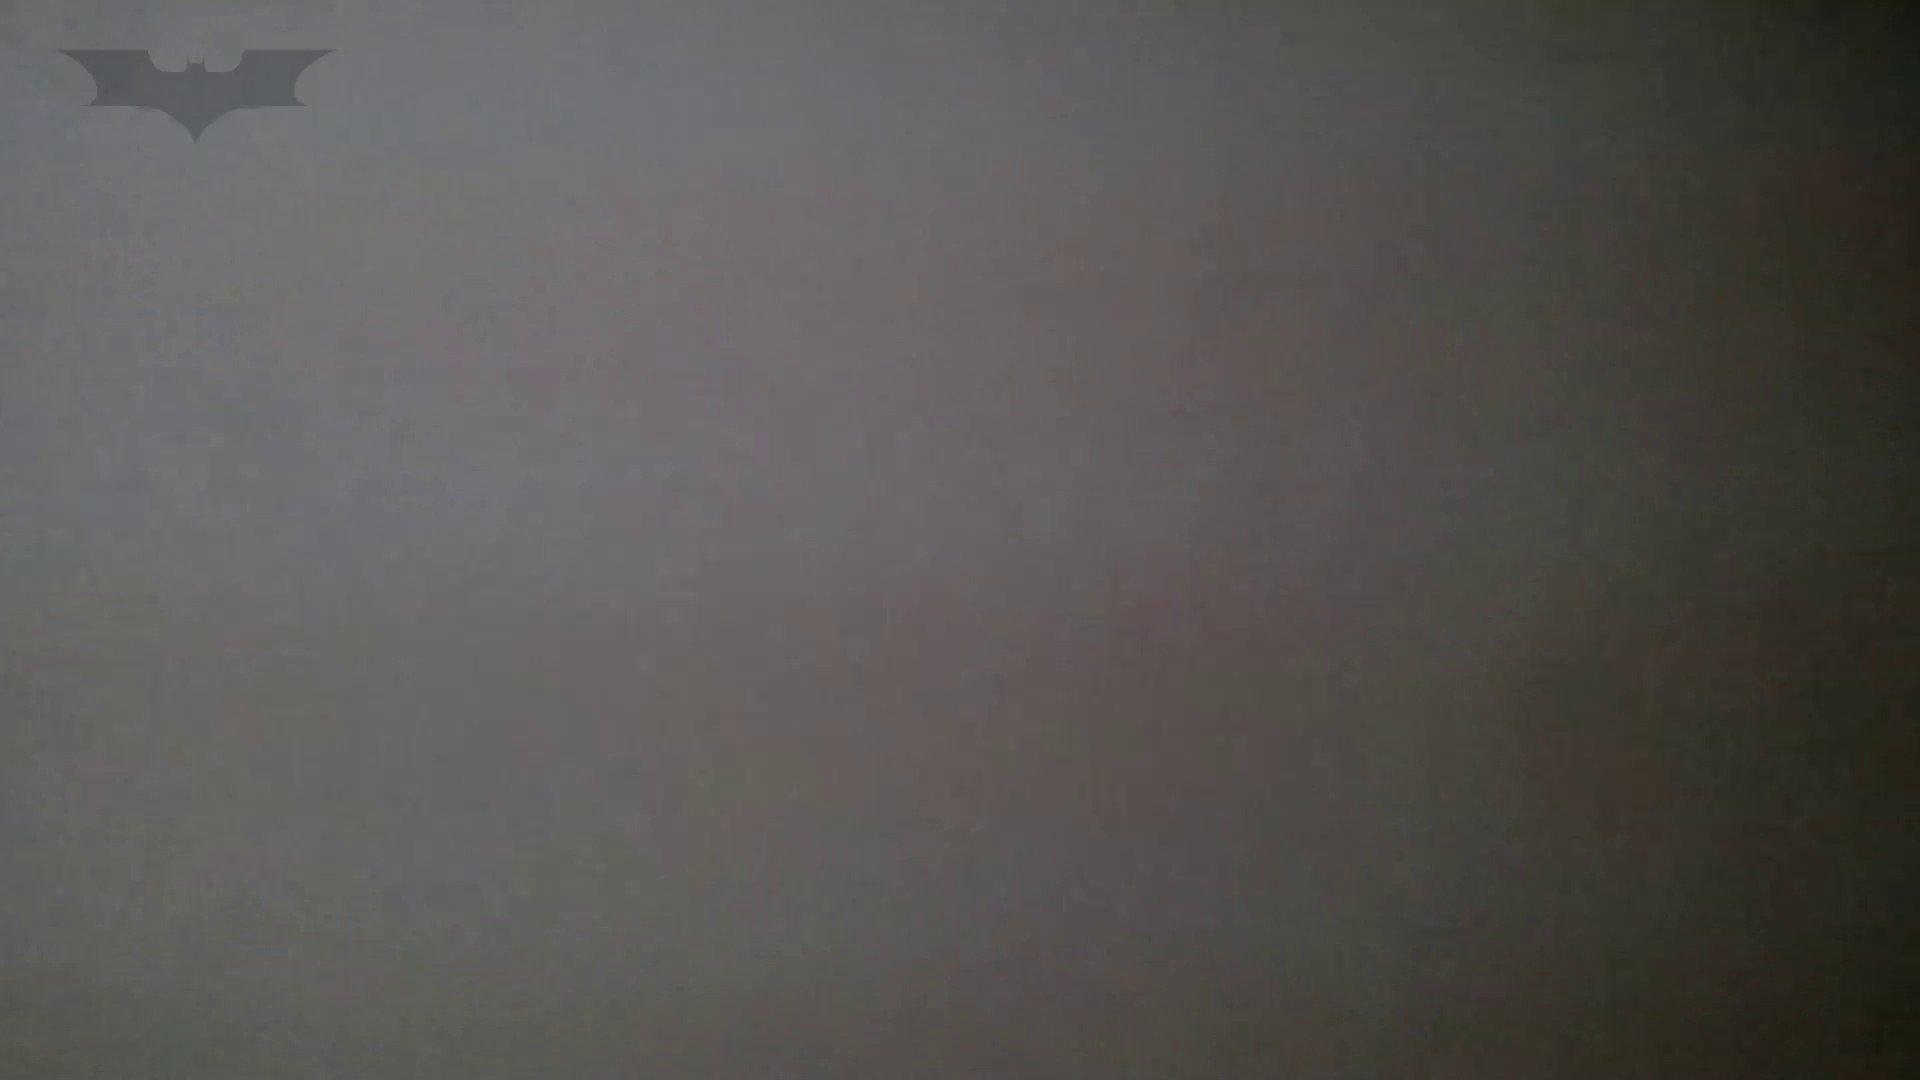 無料アダルト動画:▲復活限定D▲化粧室絵巻 駅舎編 VOL.12 SEIFUKUマフラー特集!!:怪盗ジョーカー